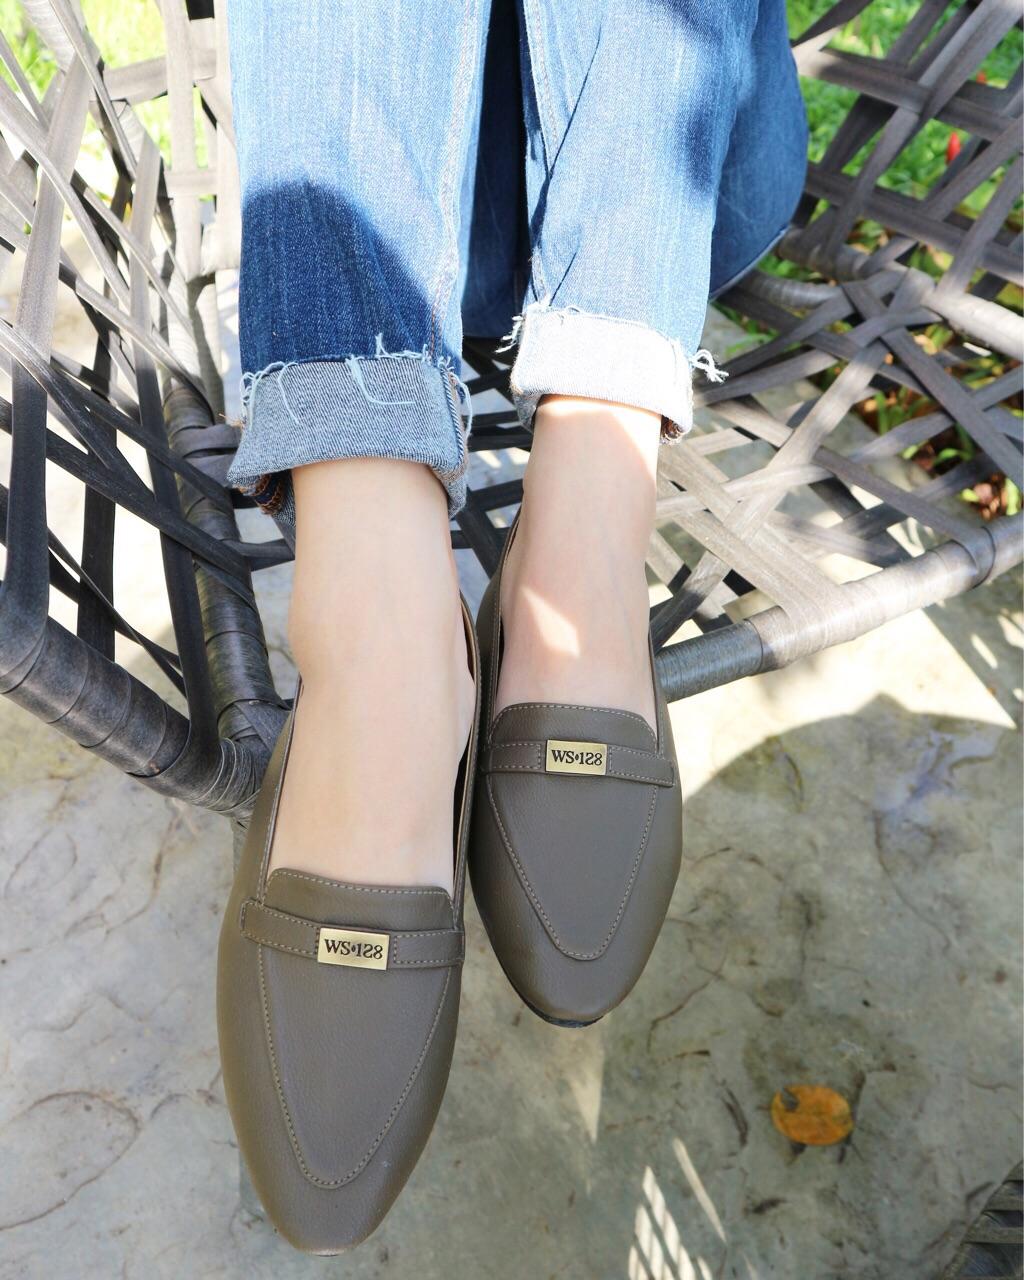 รองเท้า-loaferสีเขียวขี้ม้า_1